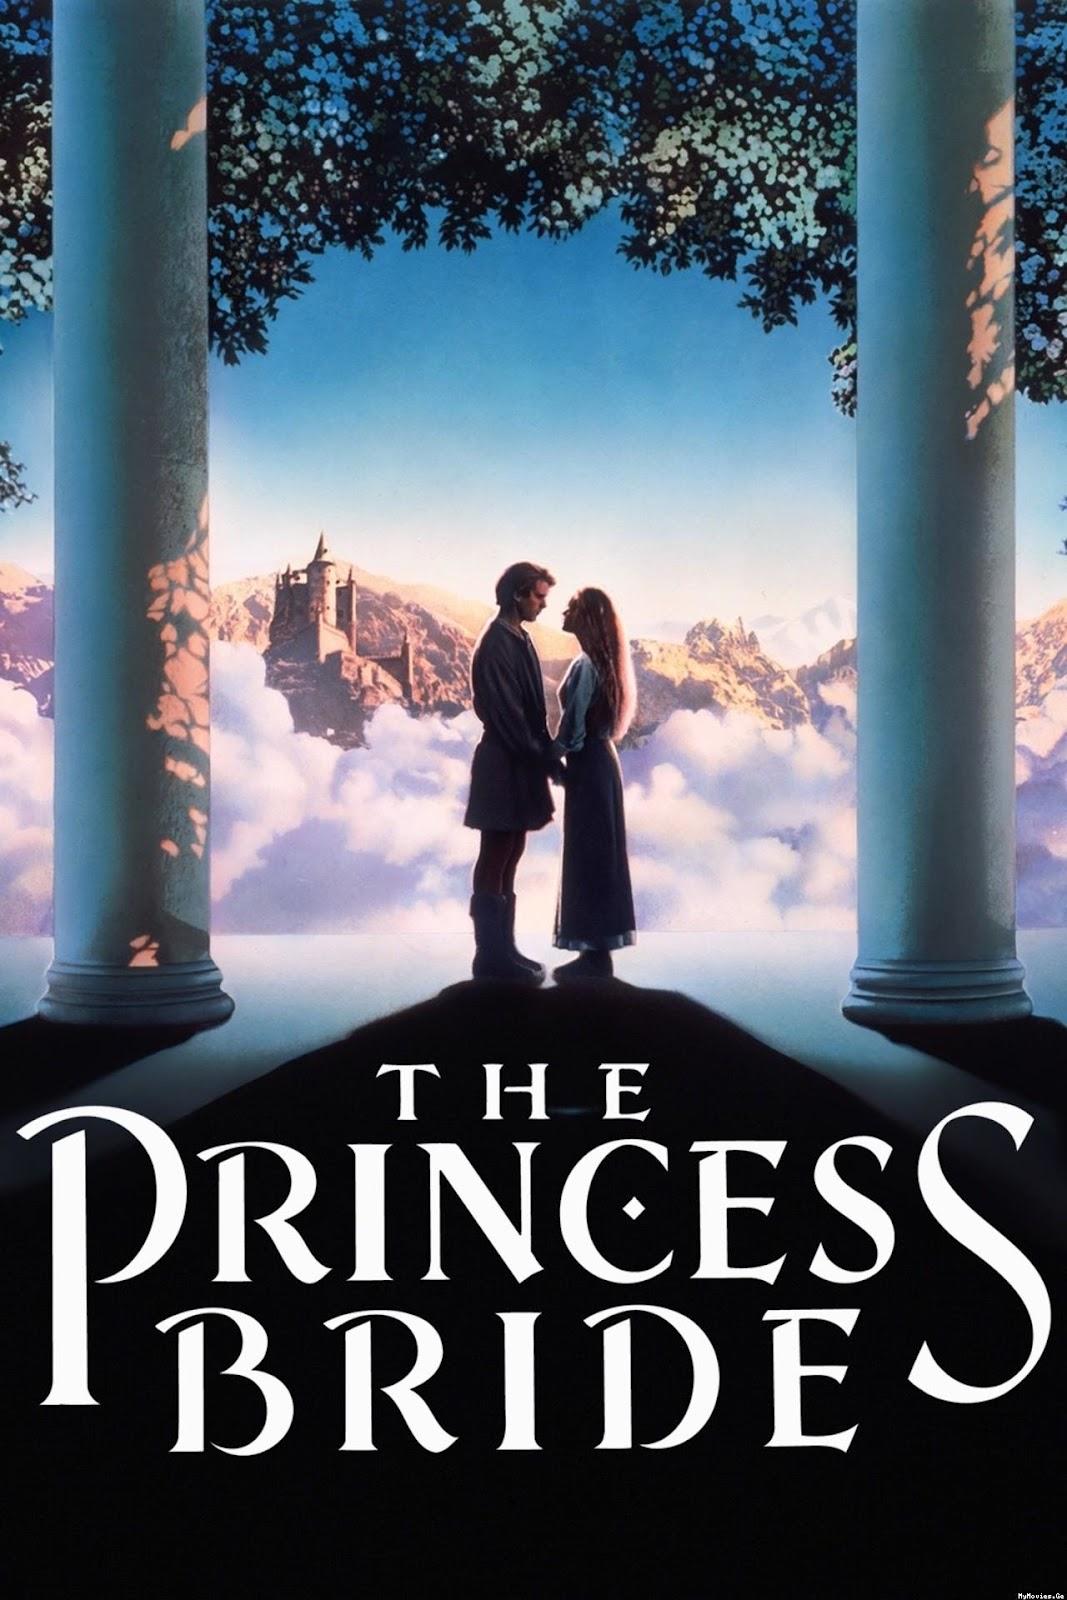 34 The Princess Bride (1987).jpg